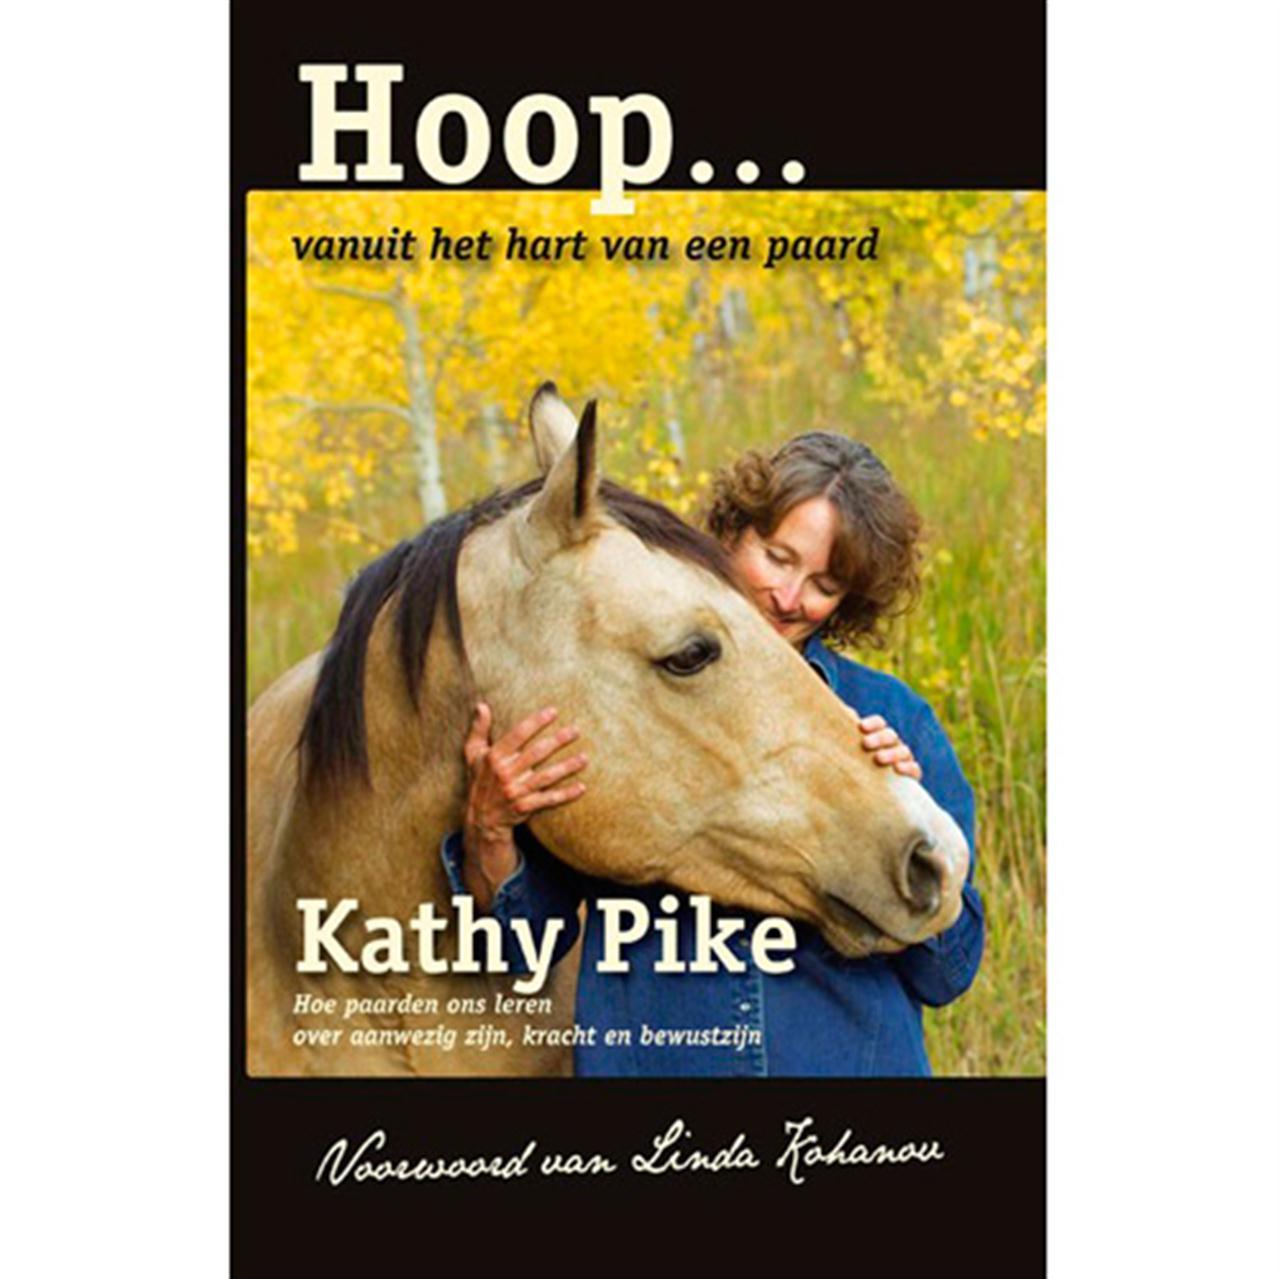 Hoop vanuit het hart van een paard